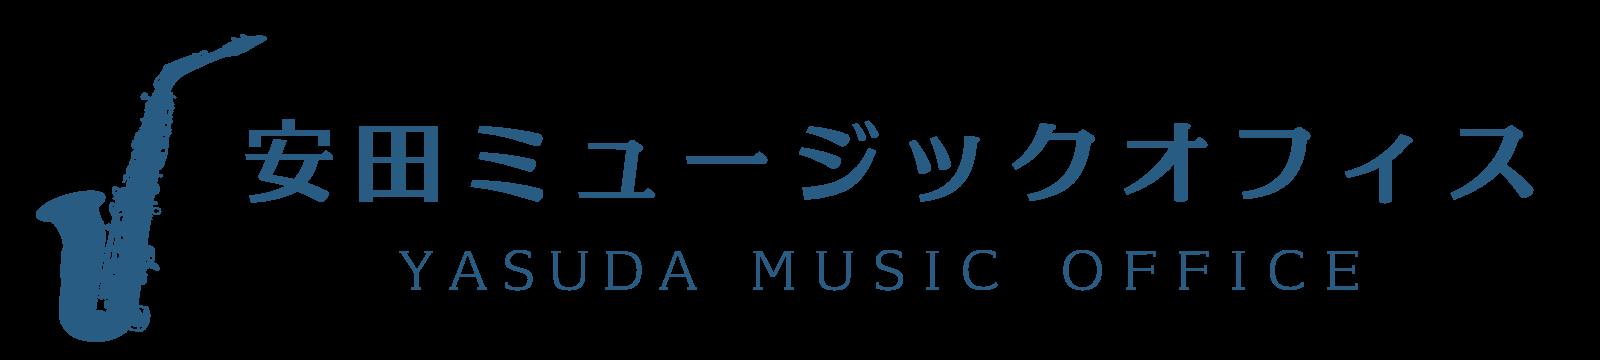 安田ミュージックオフィス